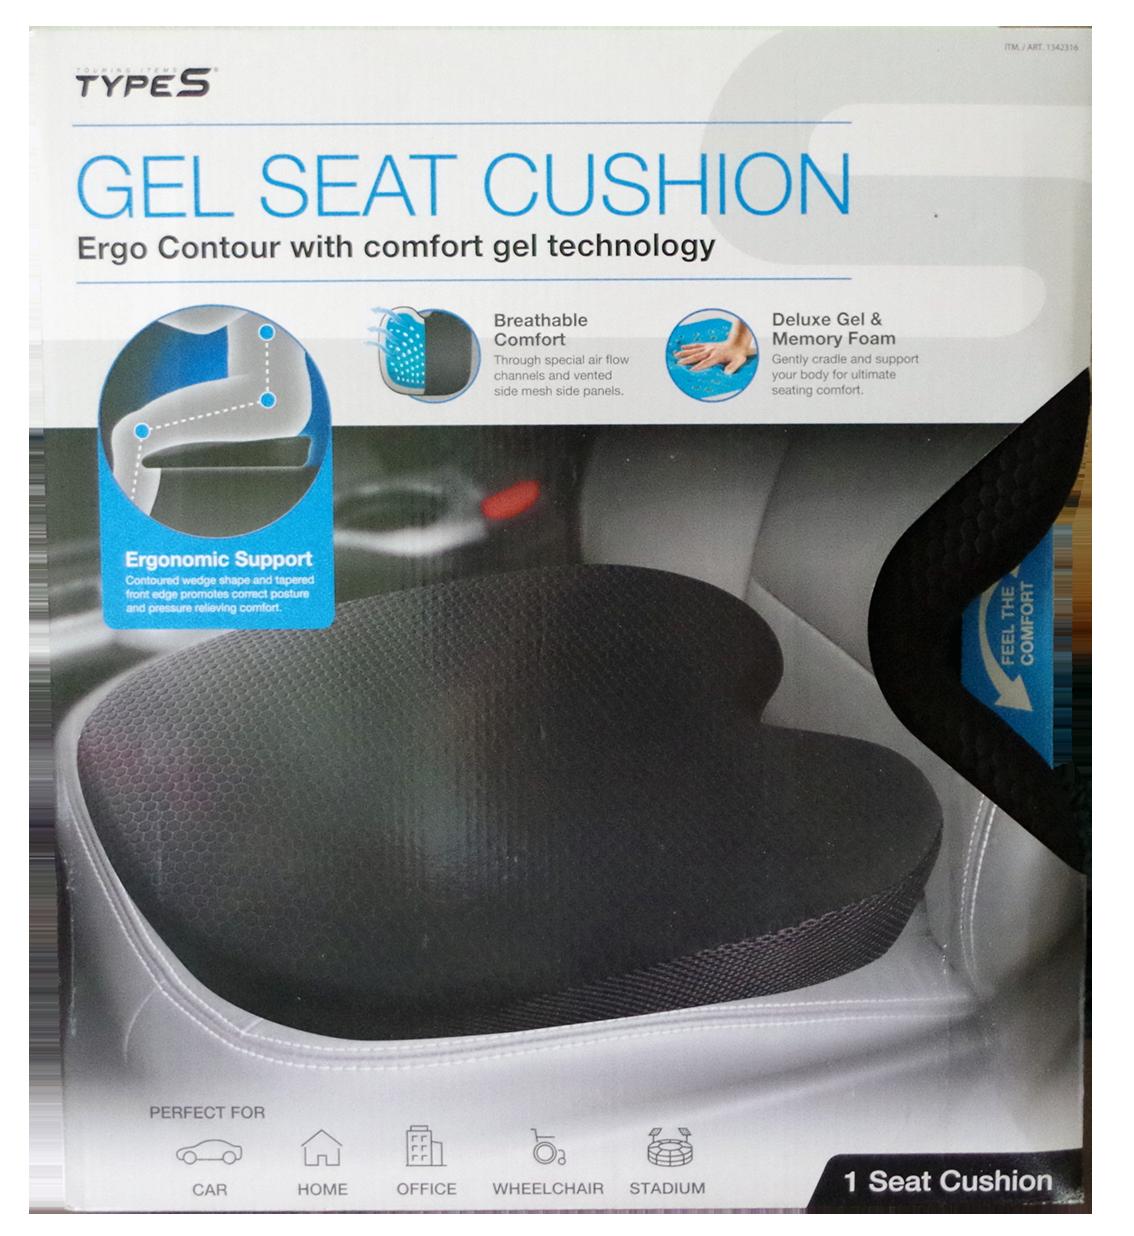 Type S gel seat cushion